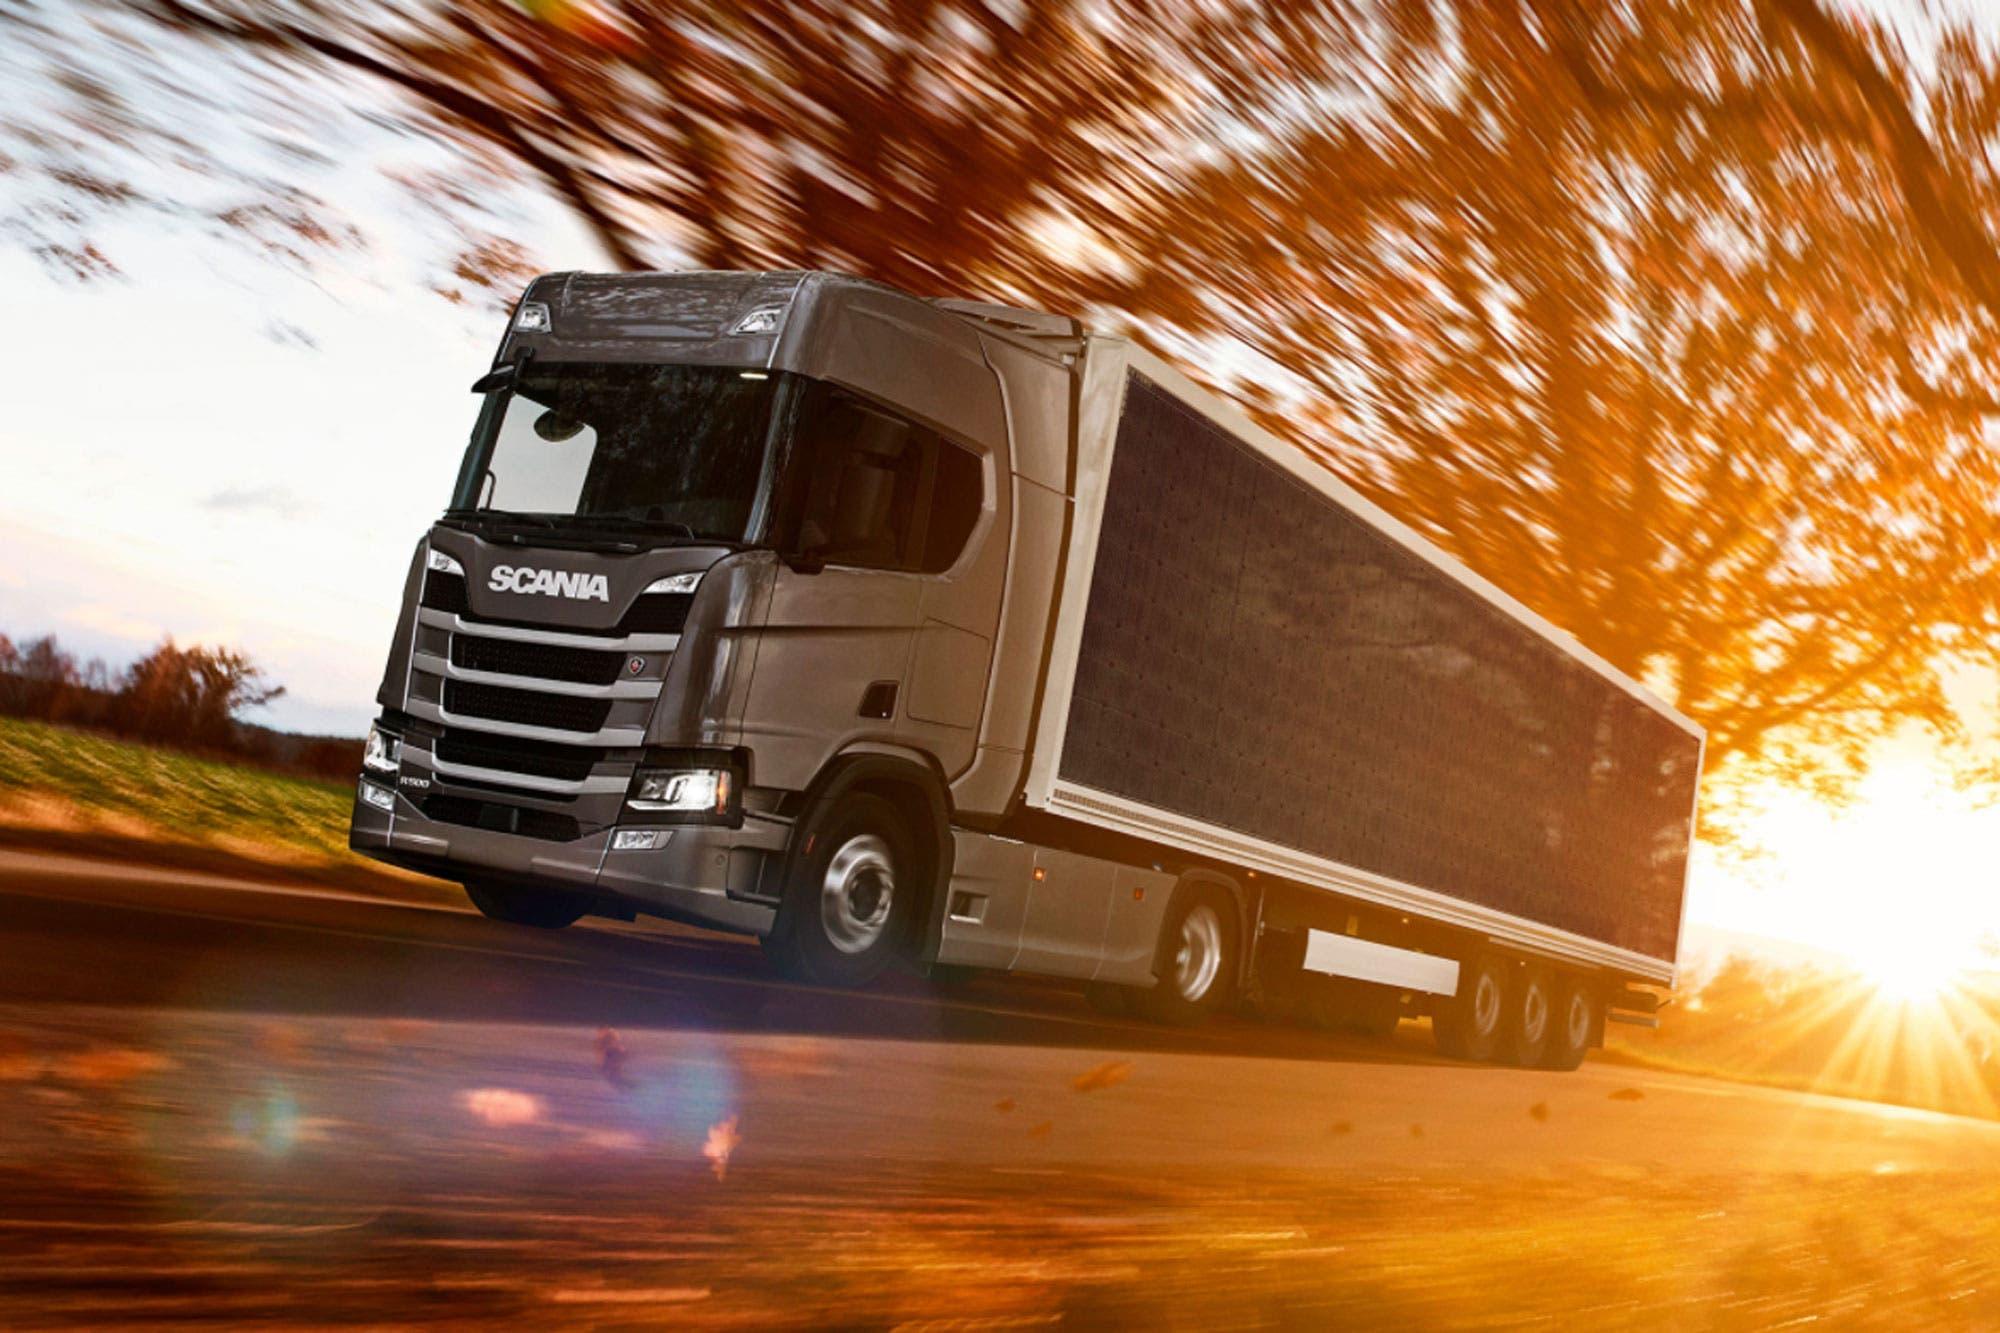 Camión solar: Scania pone a prueba un prototipo híbrido con un trailer equipado con paneles